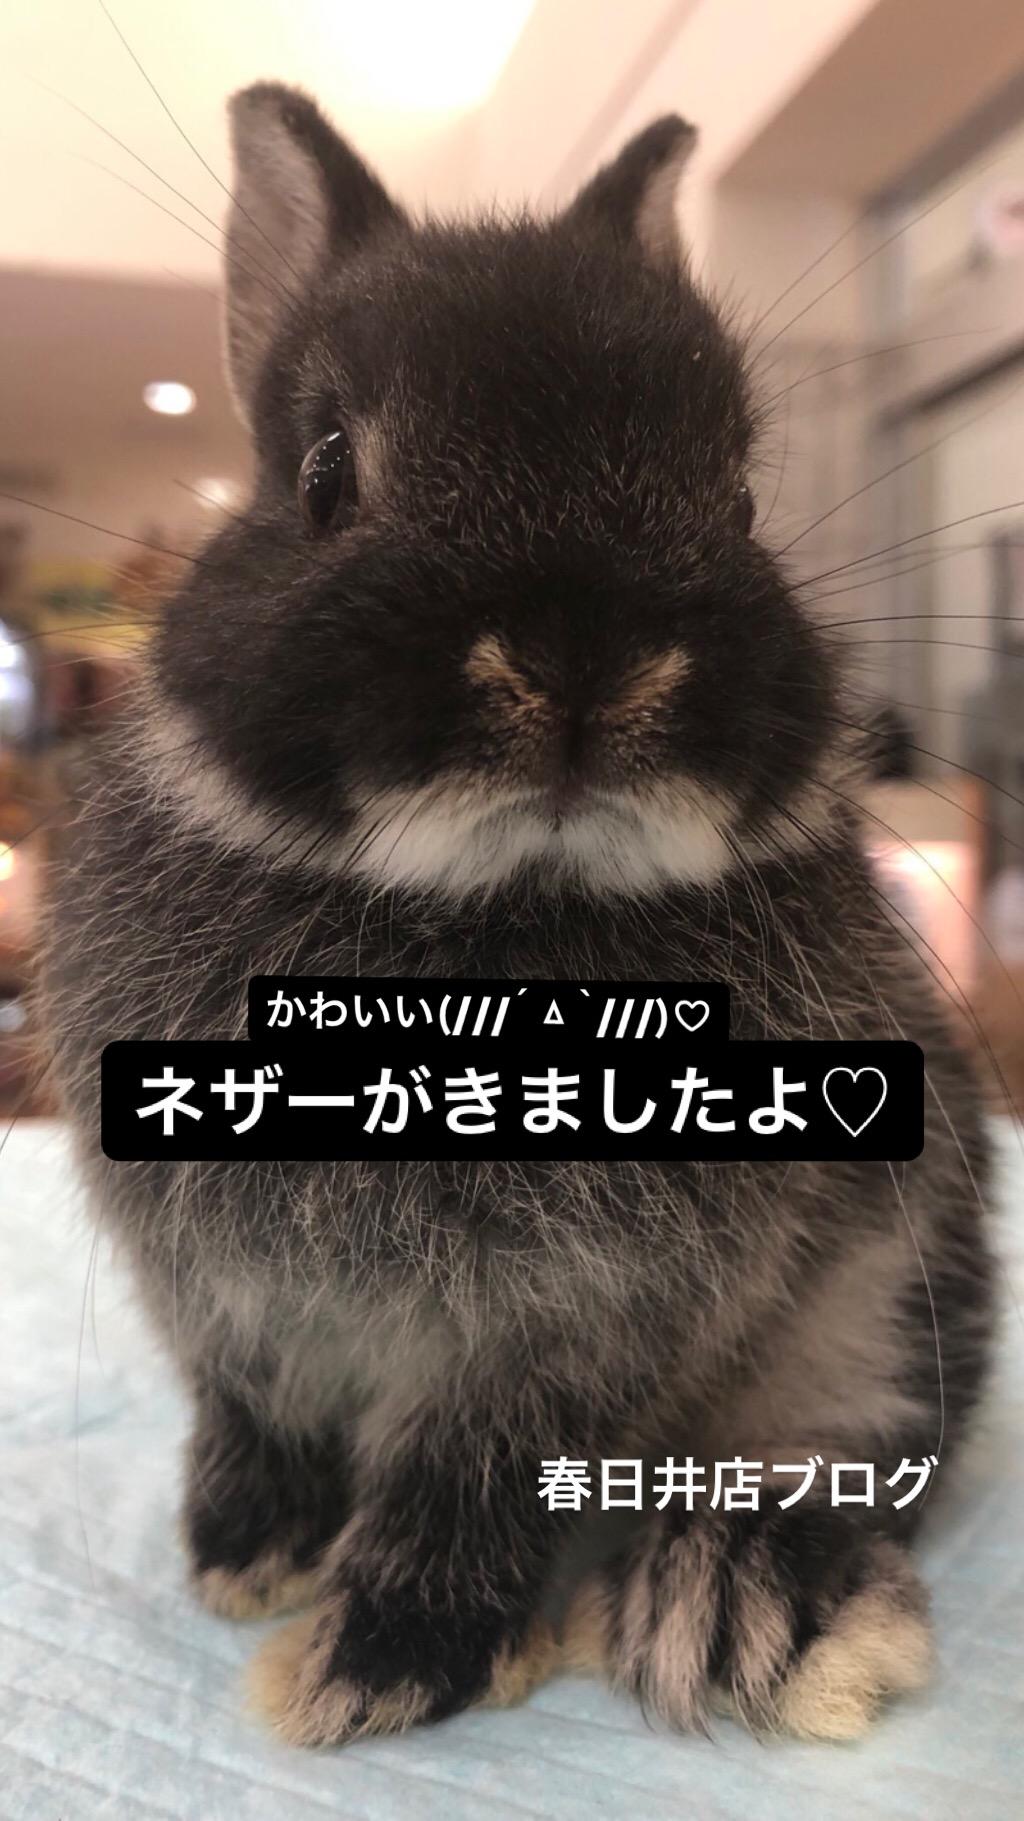 【 春ペポニ 】ネザー、ジャイアントジャービル、コザクラ新着ブログ♡